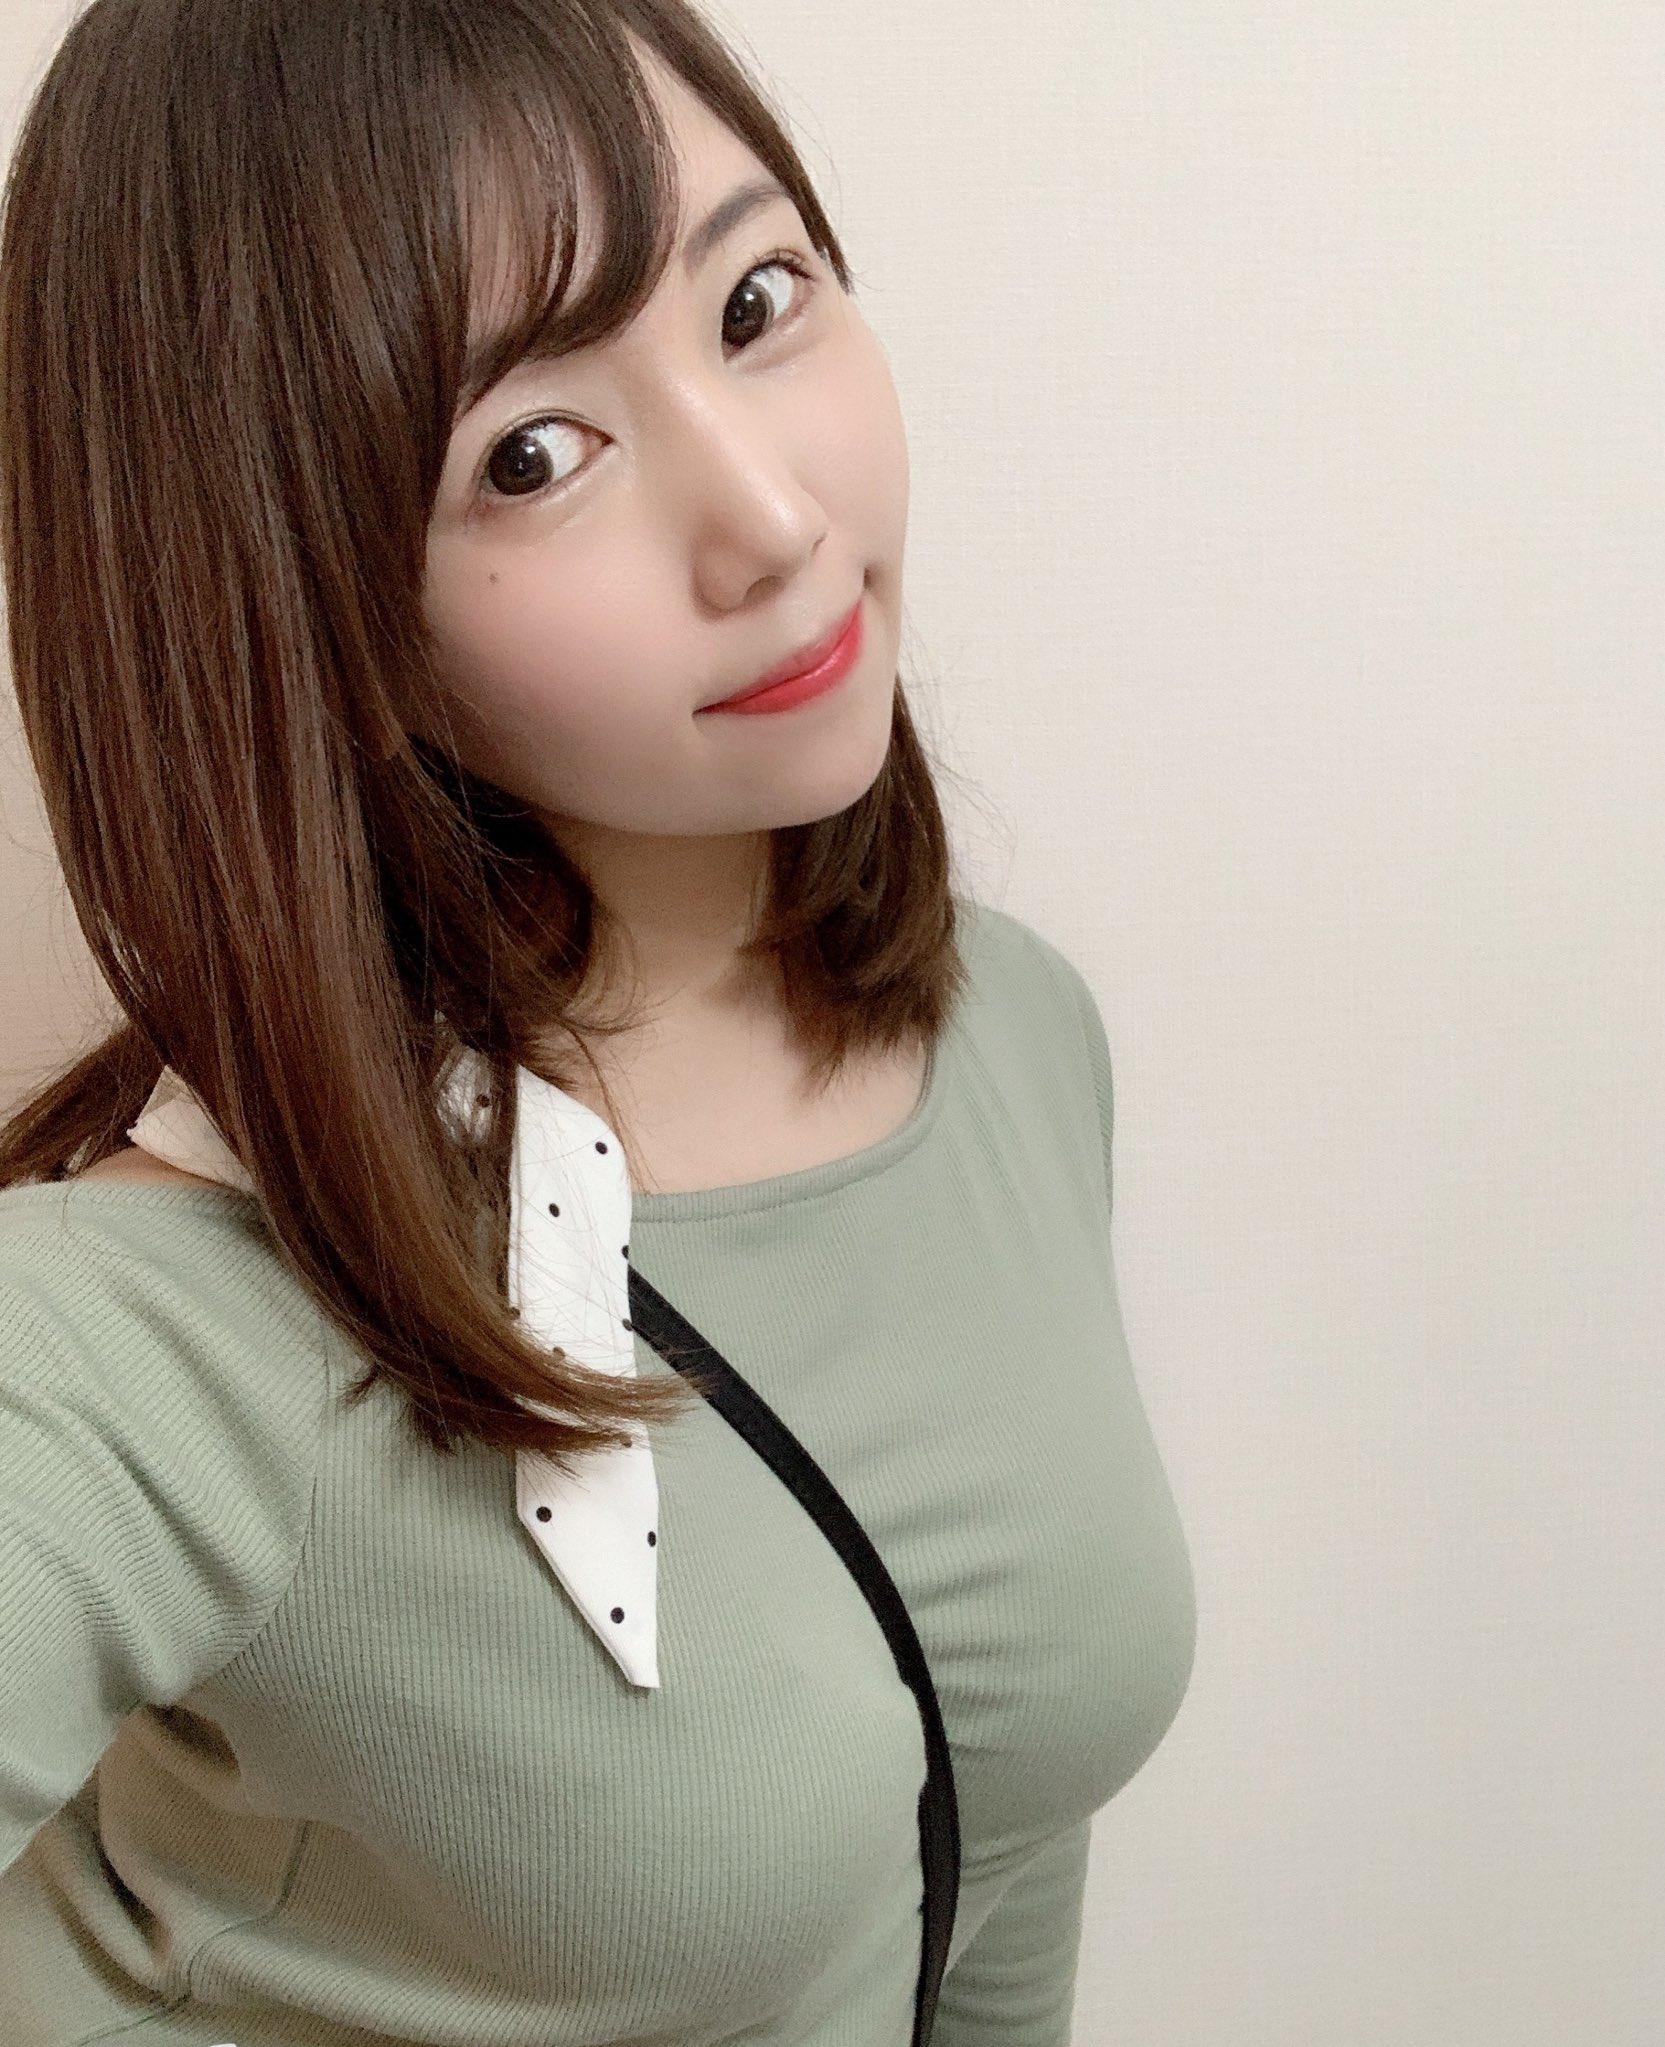 【愛花みちるエロ画像】欲求不満なムチムチボディ本物妻・愛花みちる!